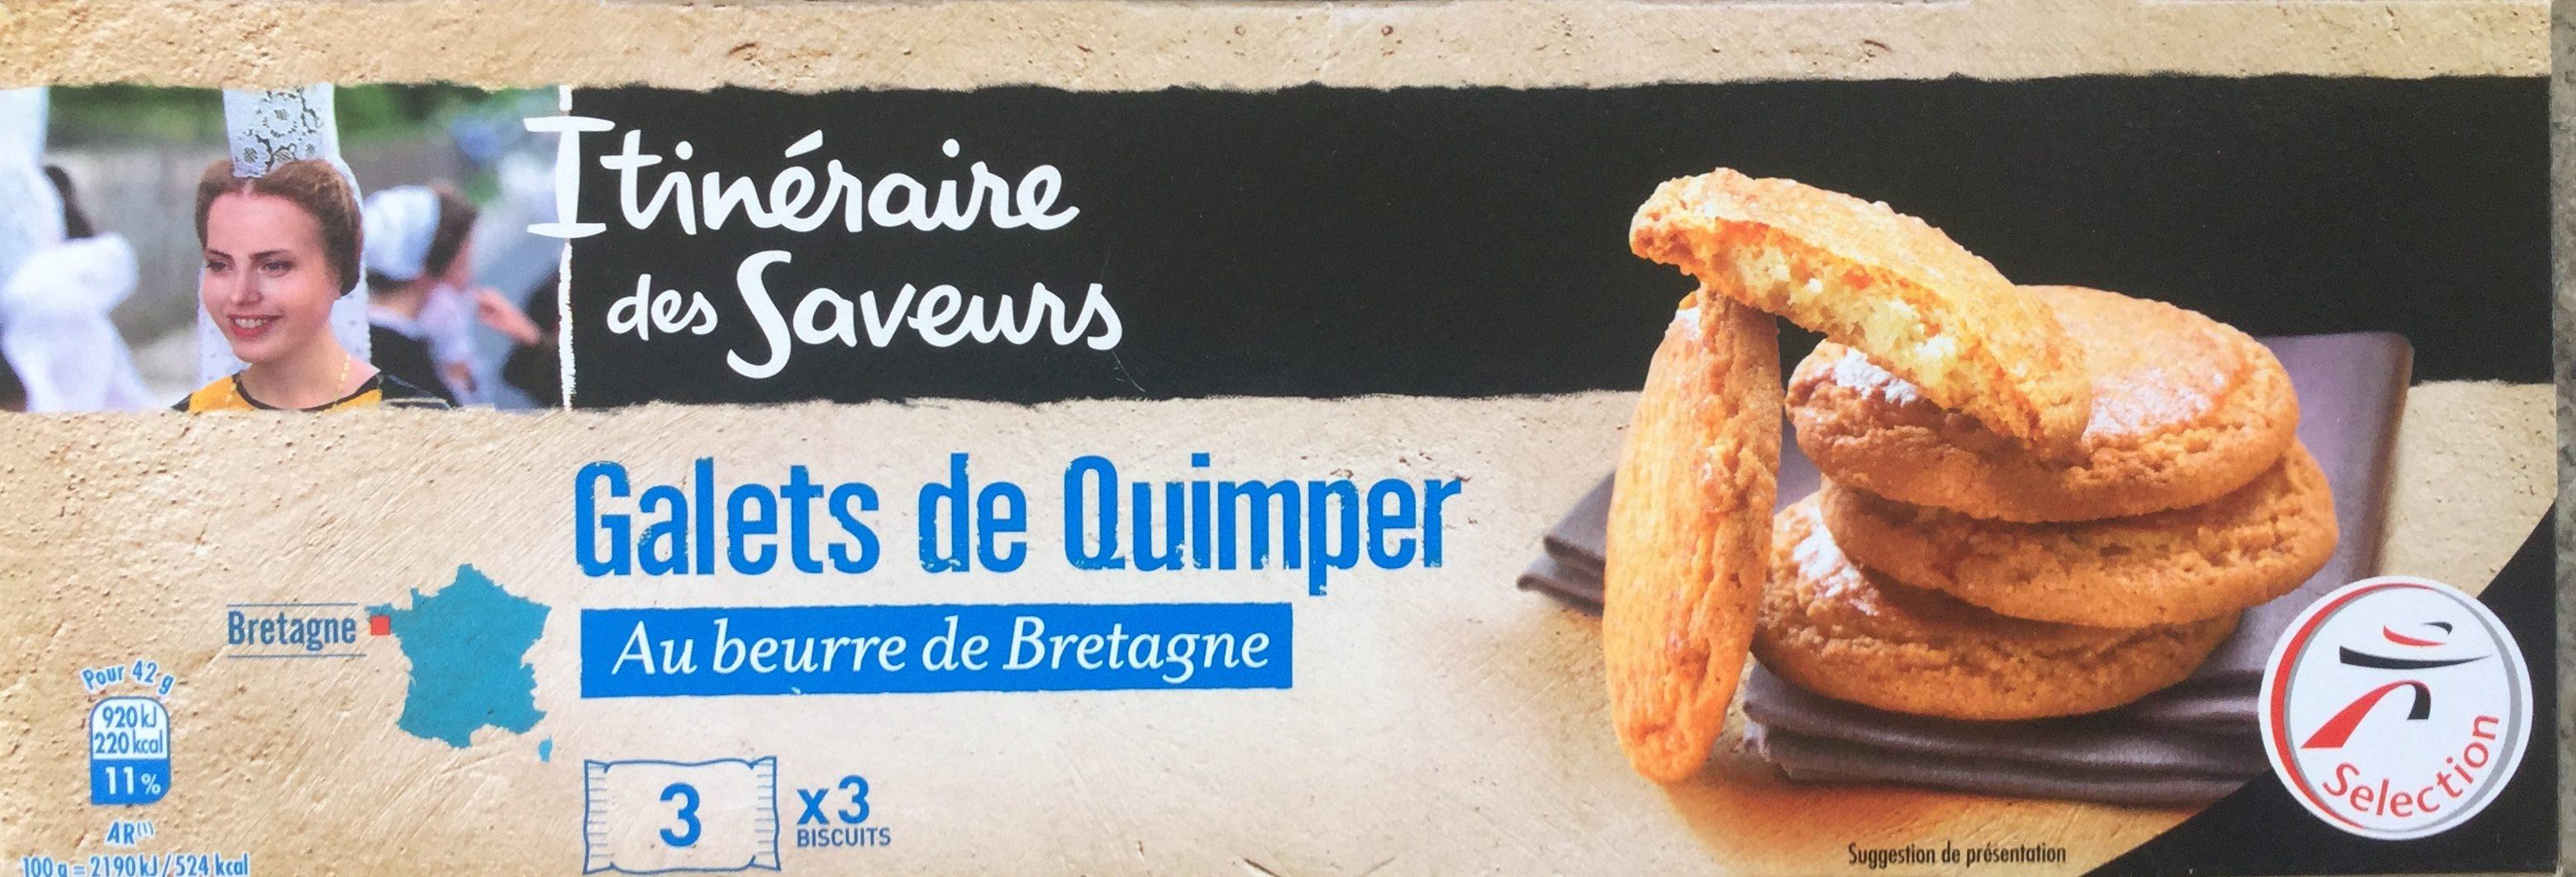 Galets de Quimper - Product